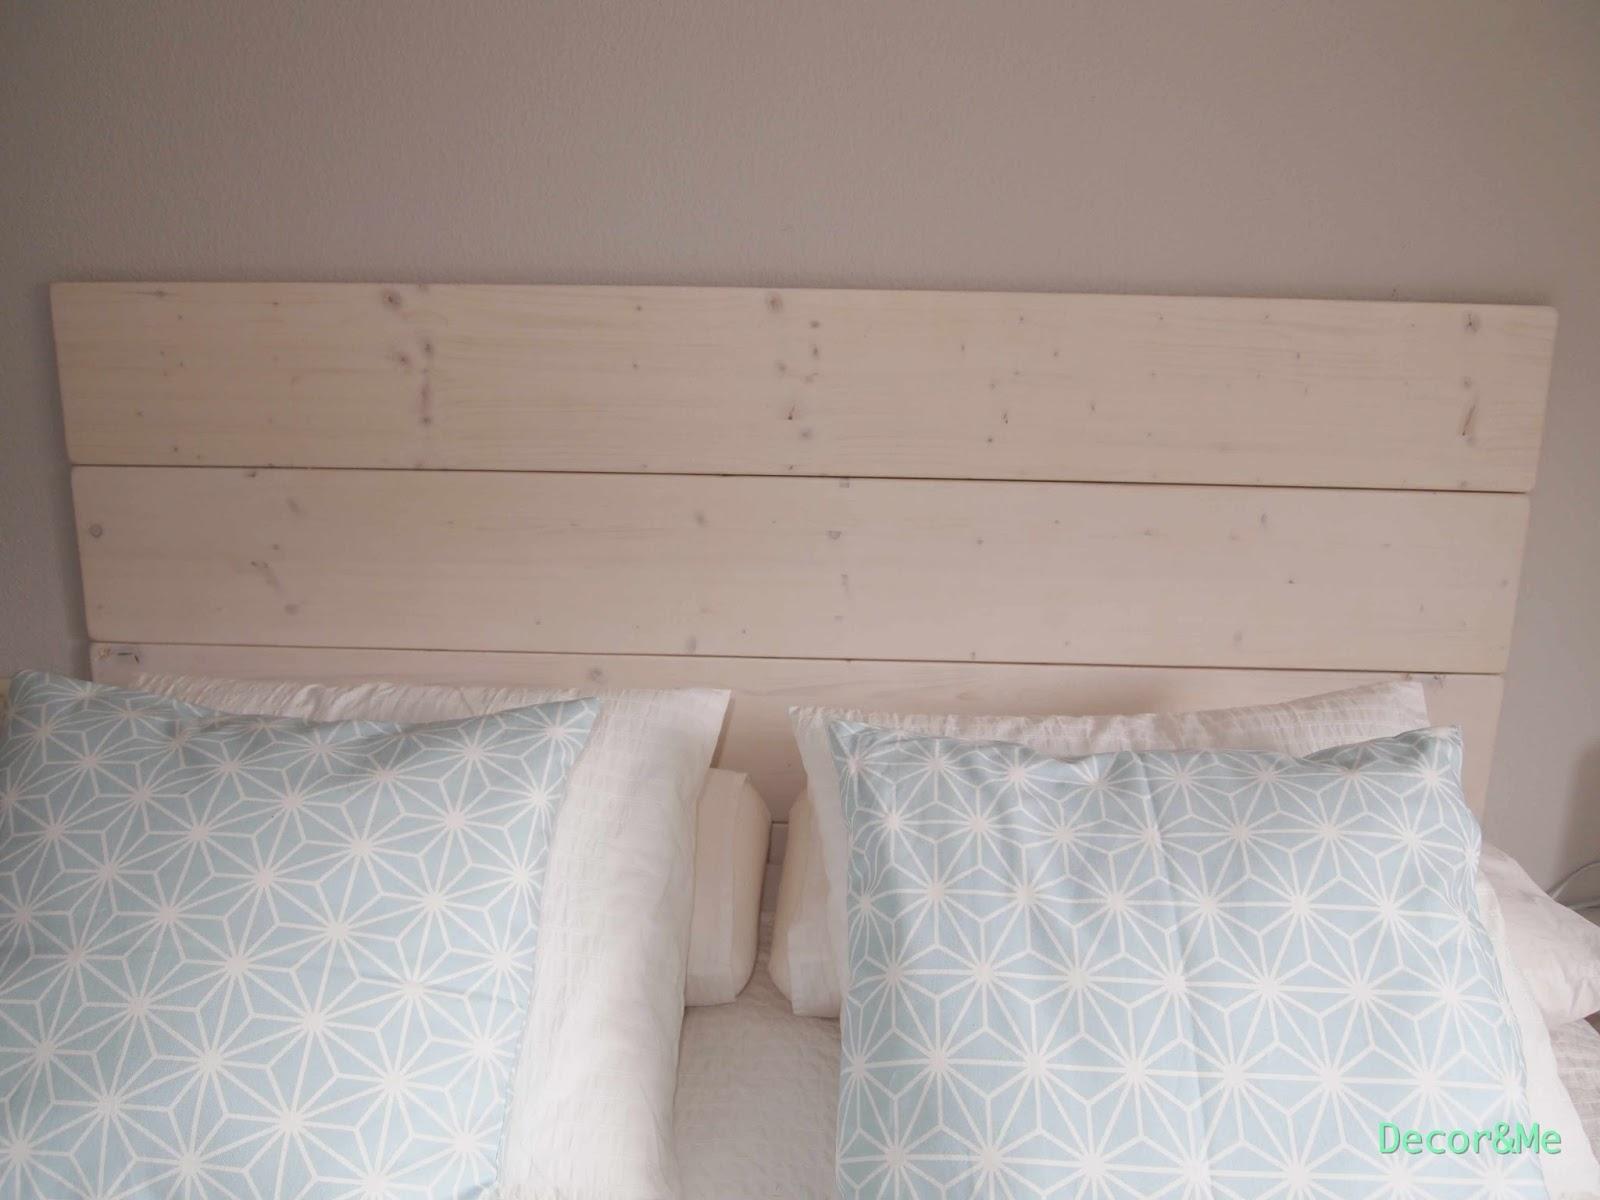 Decor me mi dormitorio diy el cabecero con tablones de - Cuadros para dormitorios leroy merlin ...